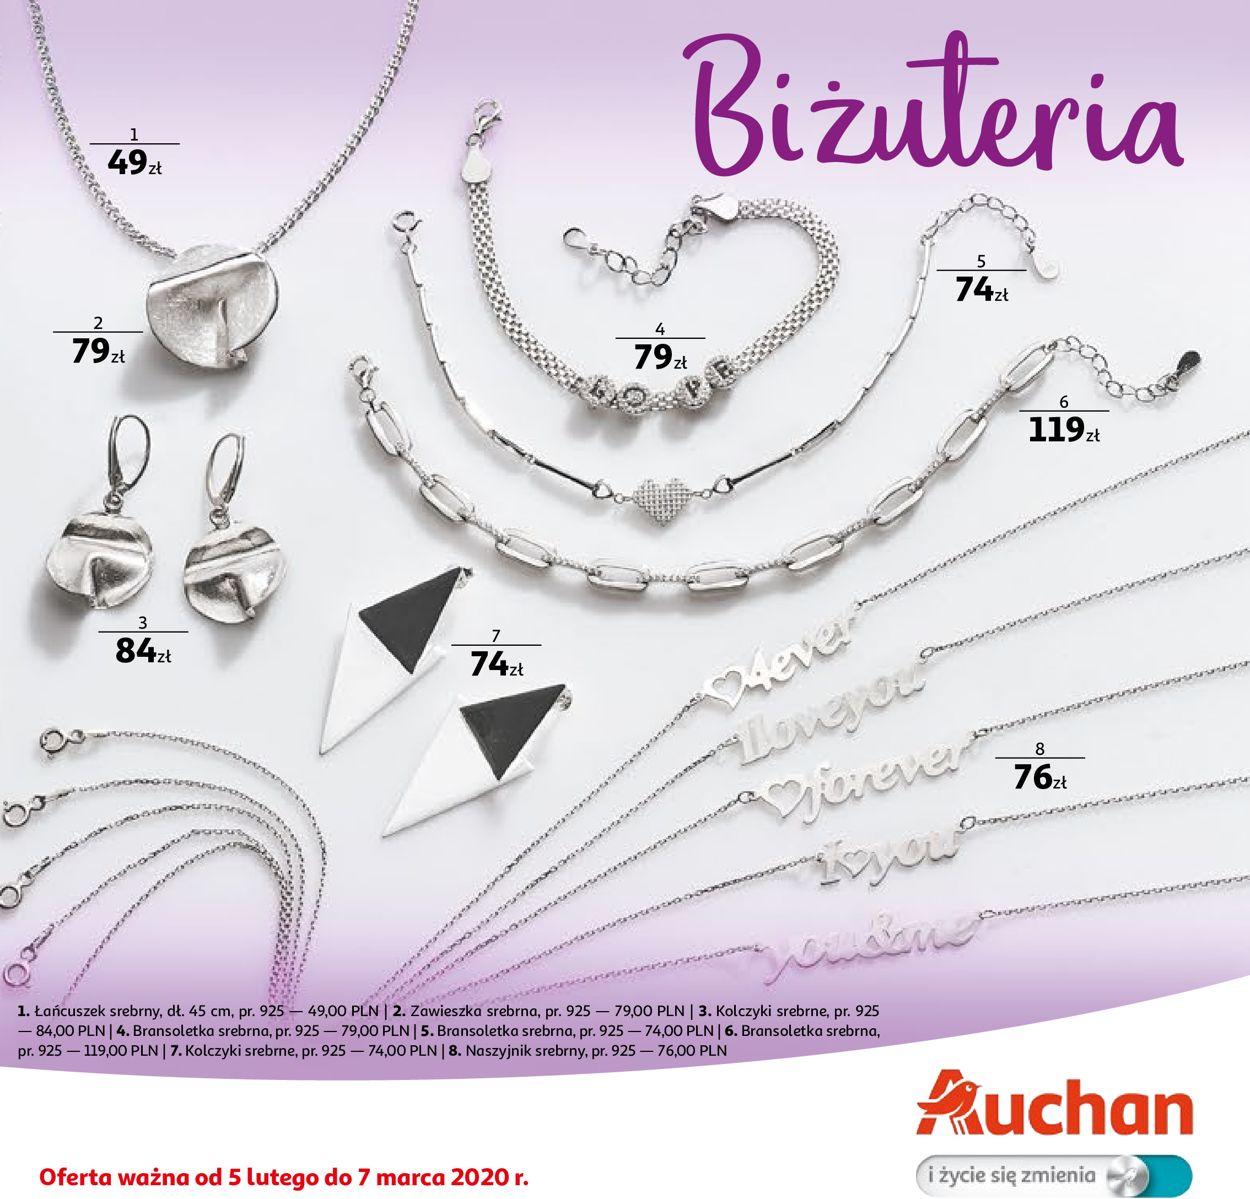 Gazetka promocyjna Auchan - 05.02-07.03.2020